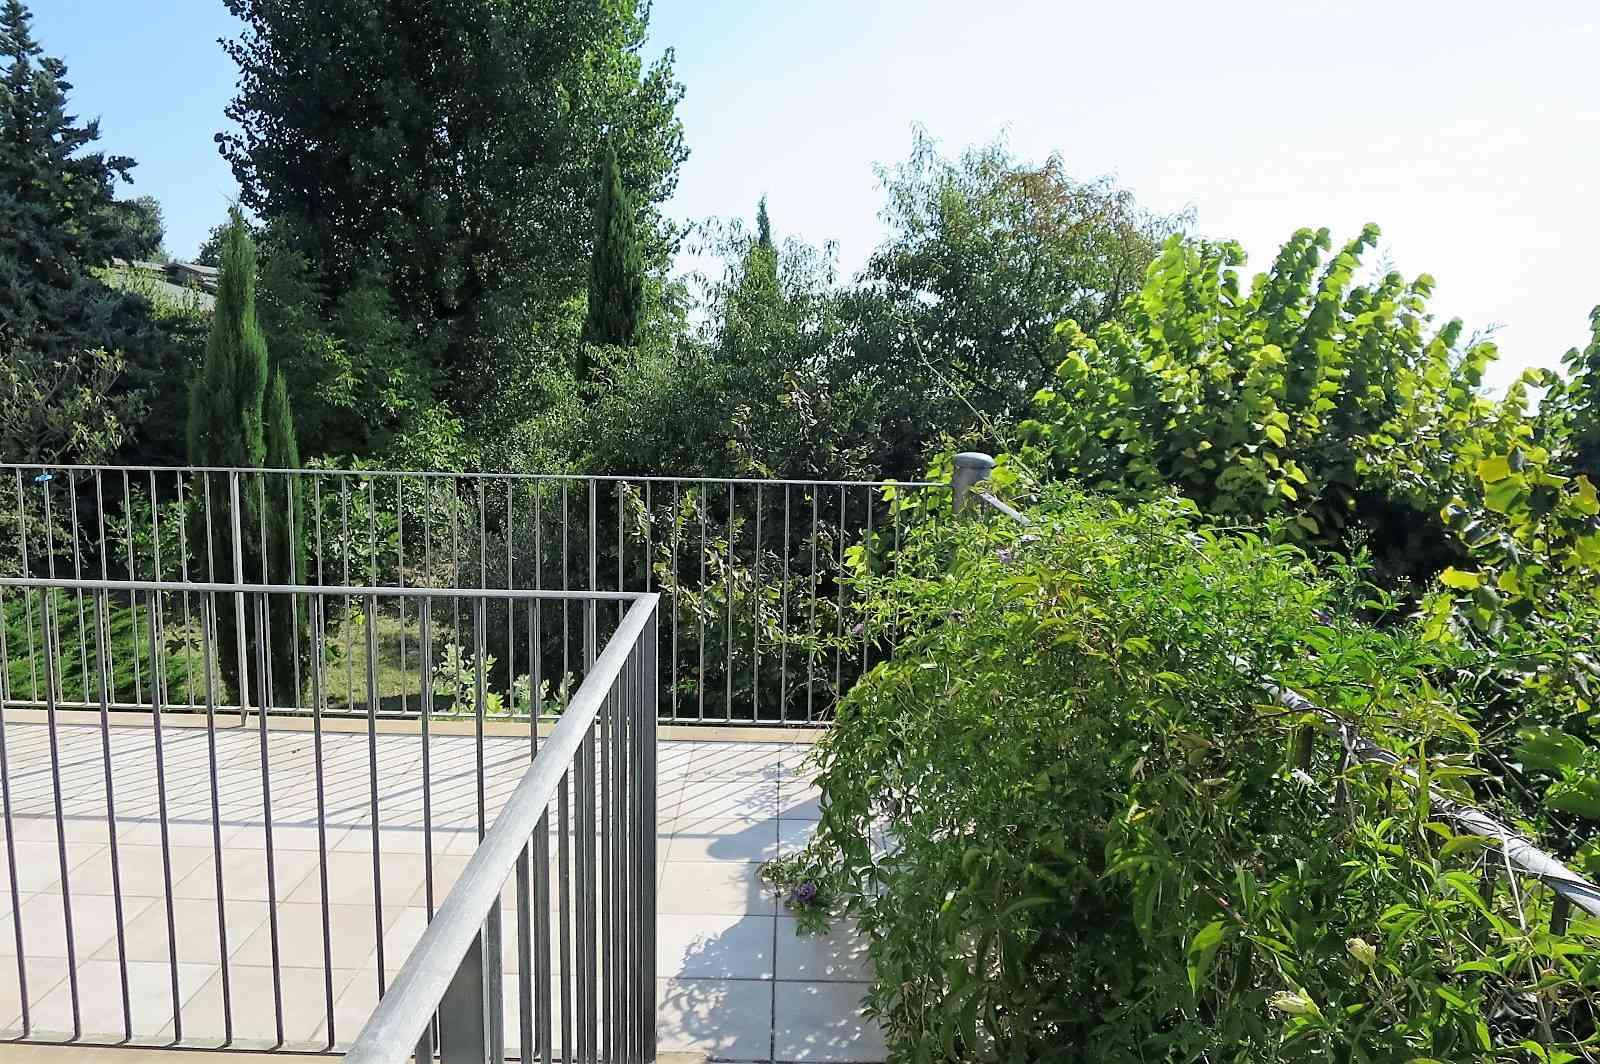 Villa Villa for sale Atri (TE), Villa Paola - Atri - EUR 473.281 200